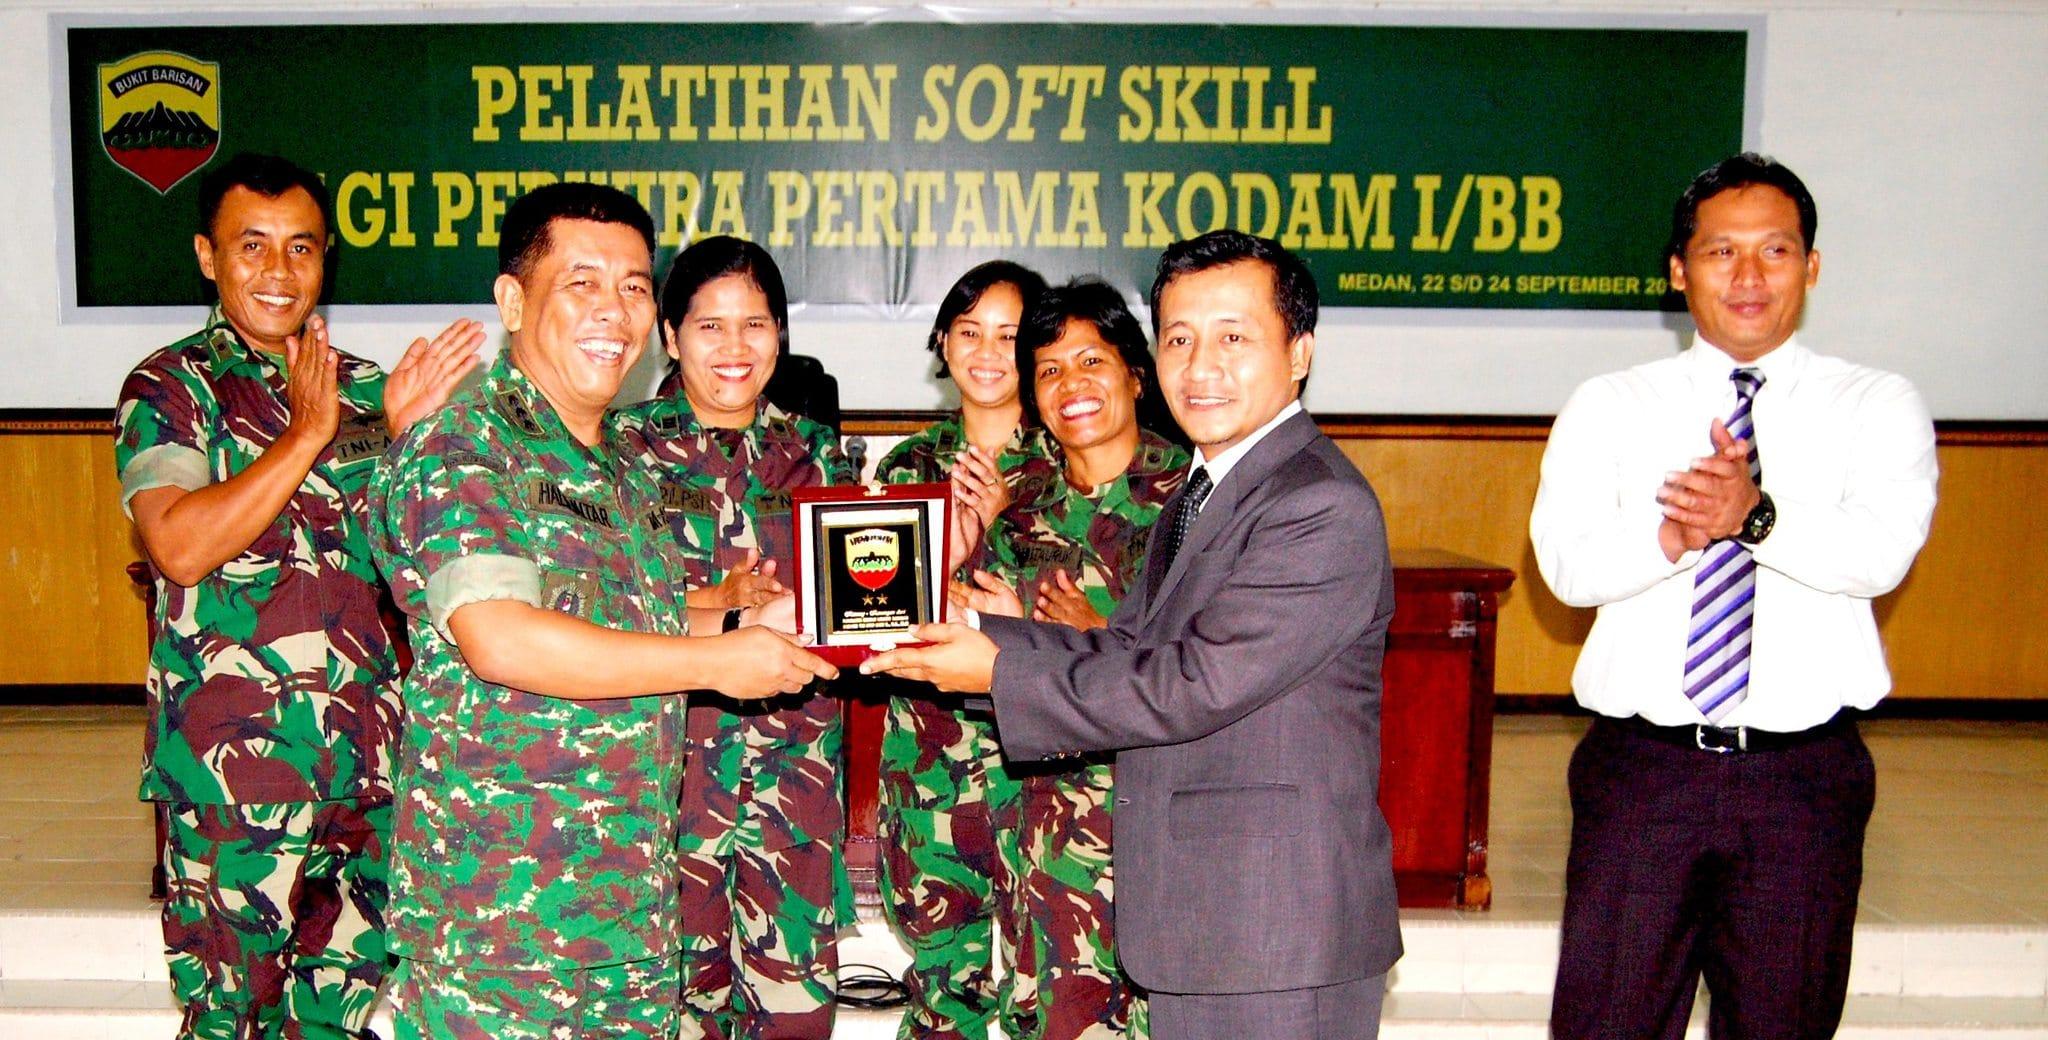 Peranan Soft Skill Dalam Meraih Sukses